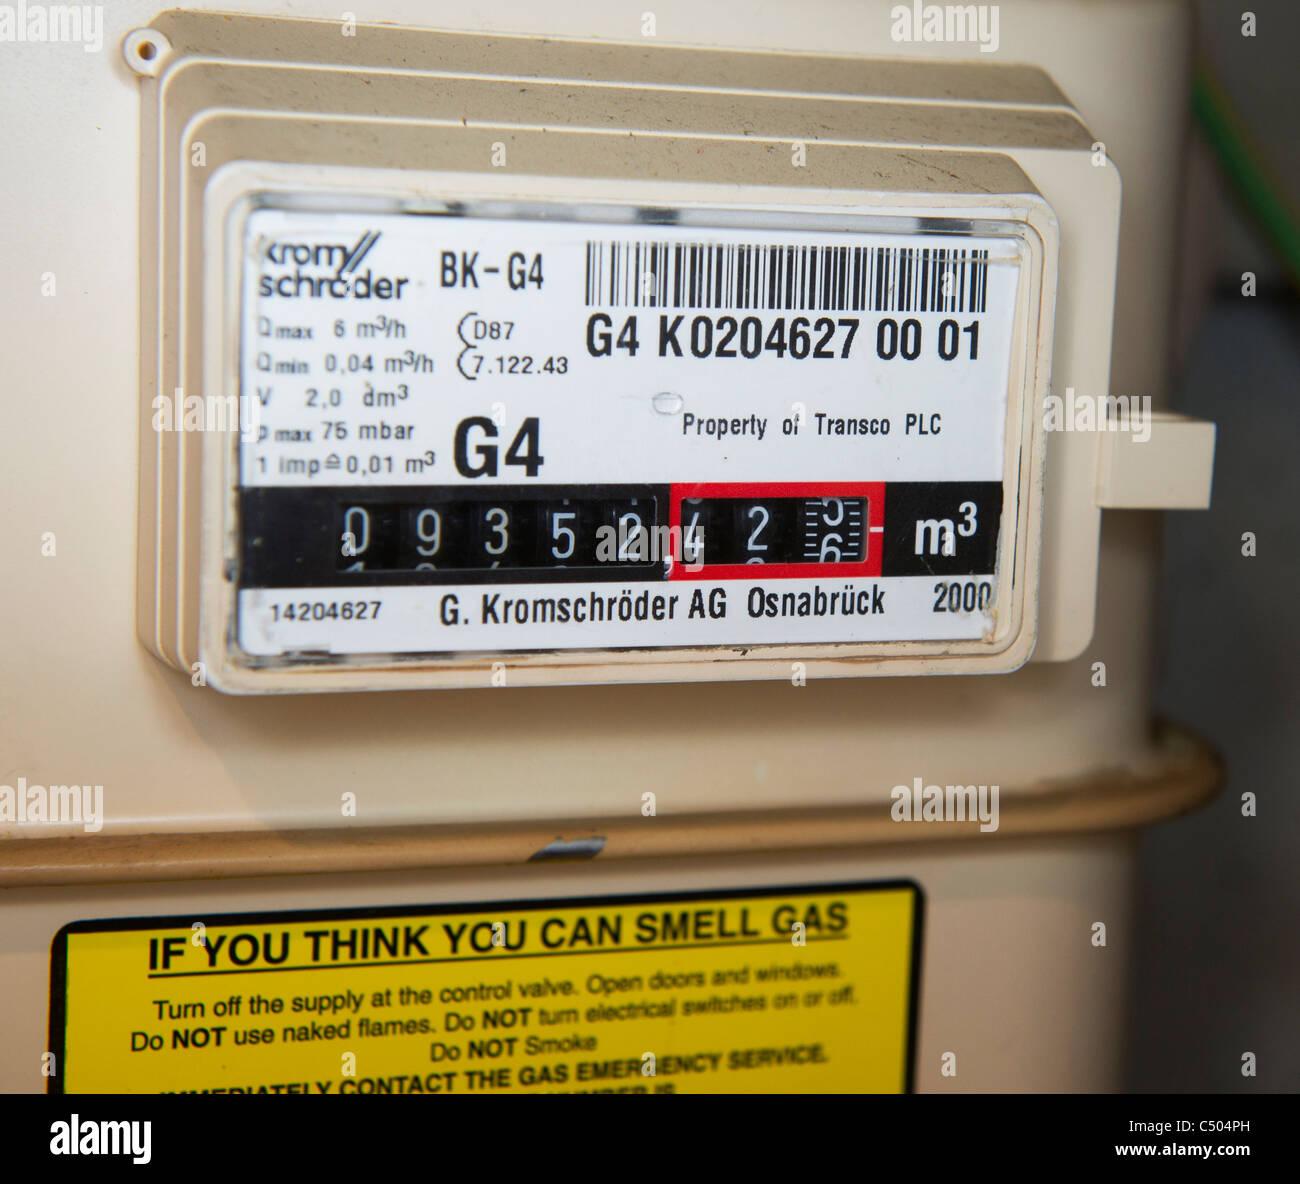 gas meter - Stock Image